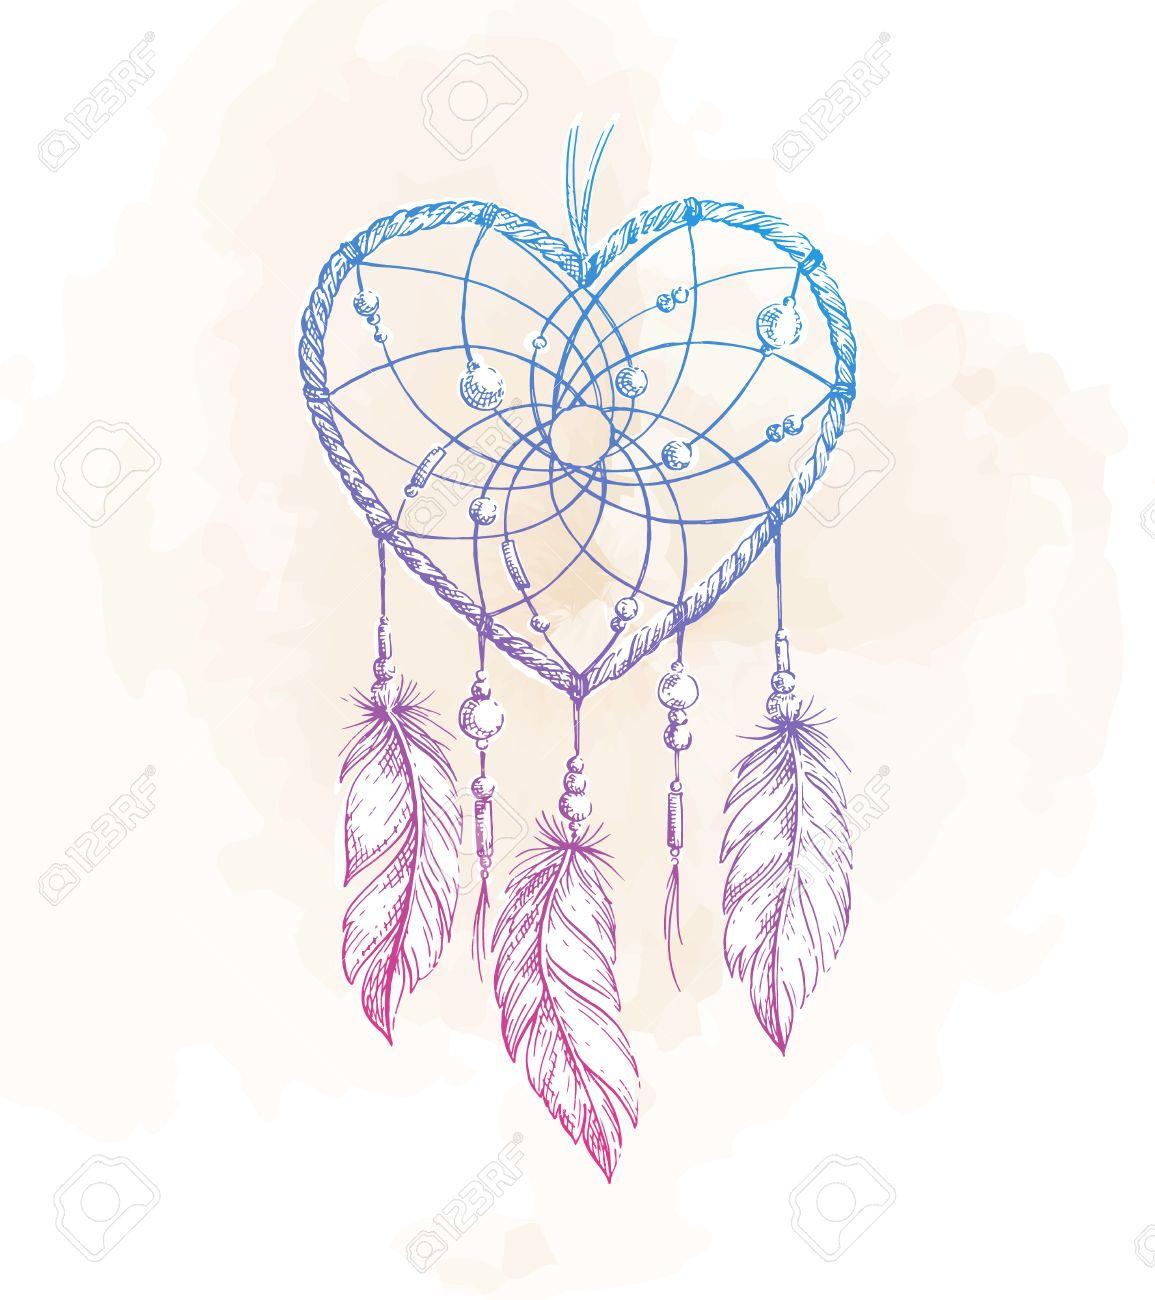 Hand Gezeichnet Ethnischen Traumfanger Herz Einheimische Vektor